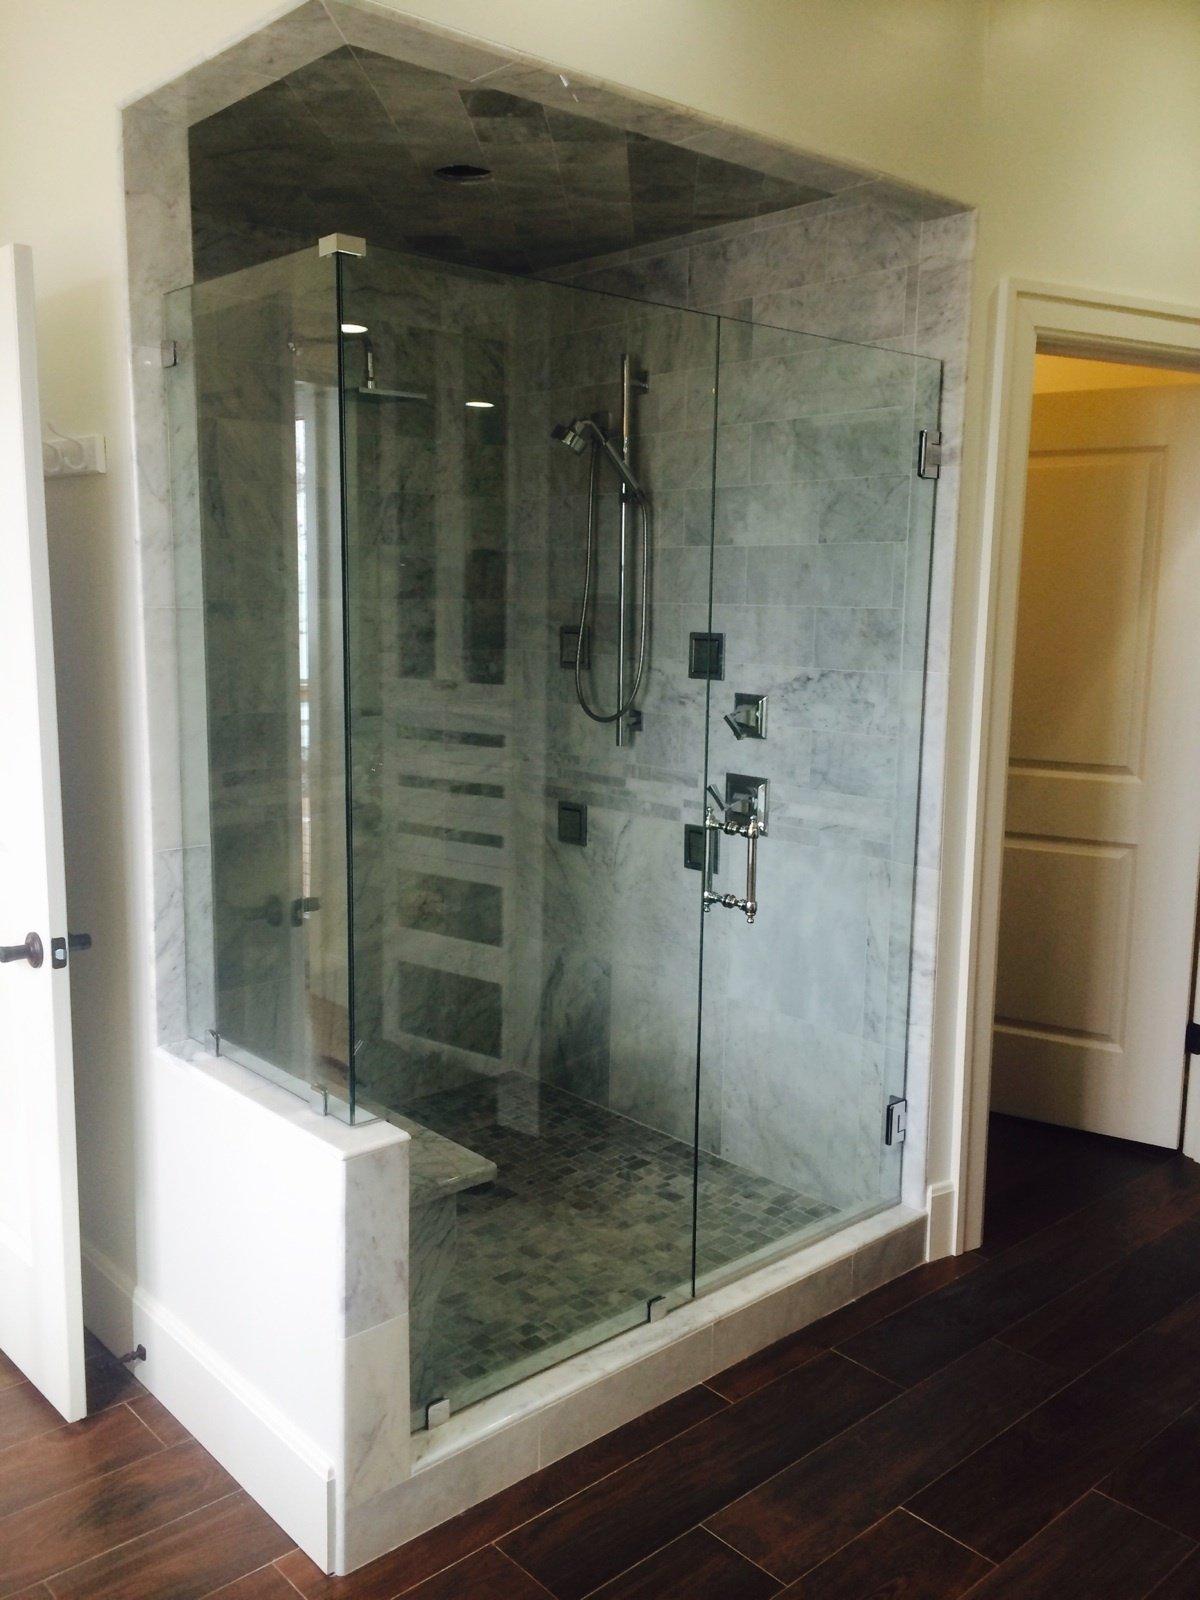 Bathroom glass installation in Lexington, KY